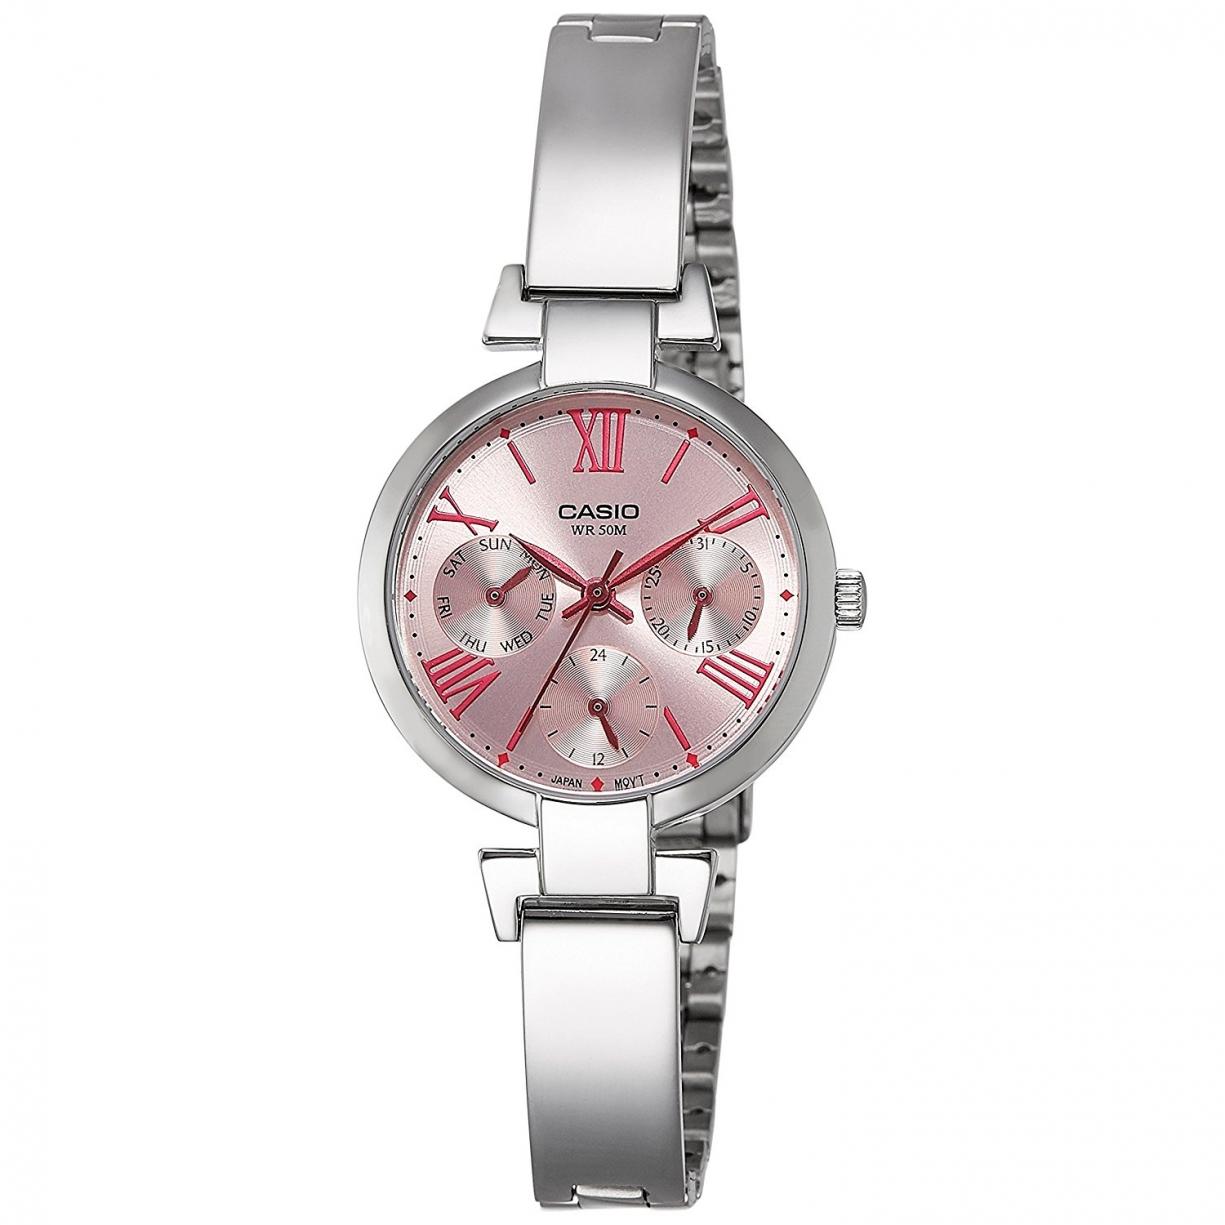 440860d4b866 Reloj De Pulsera Casio Analogico Para Mujer. Modelo Ltp-e404d-4avdf